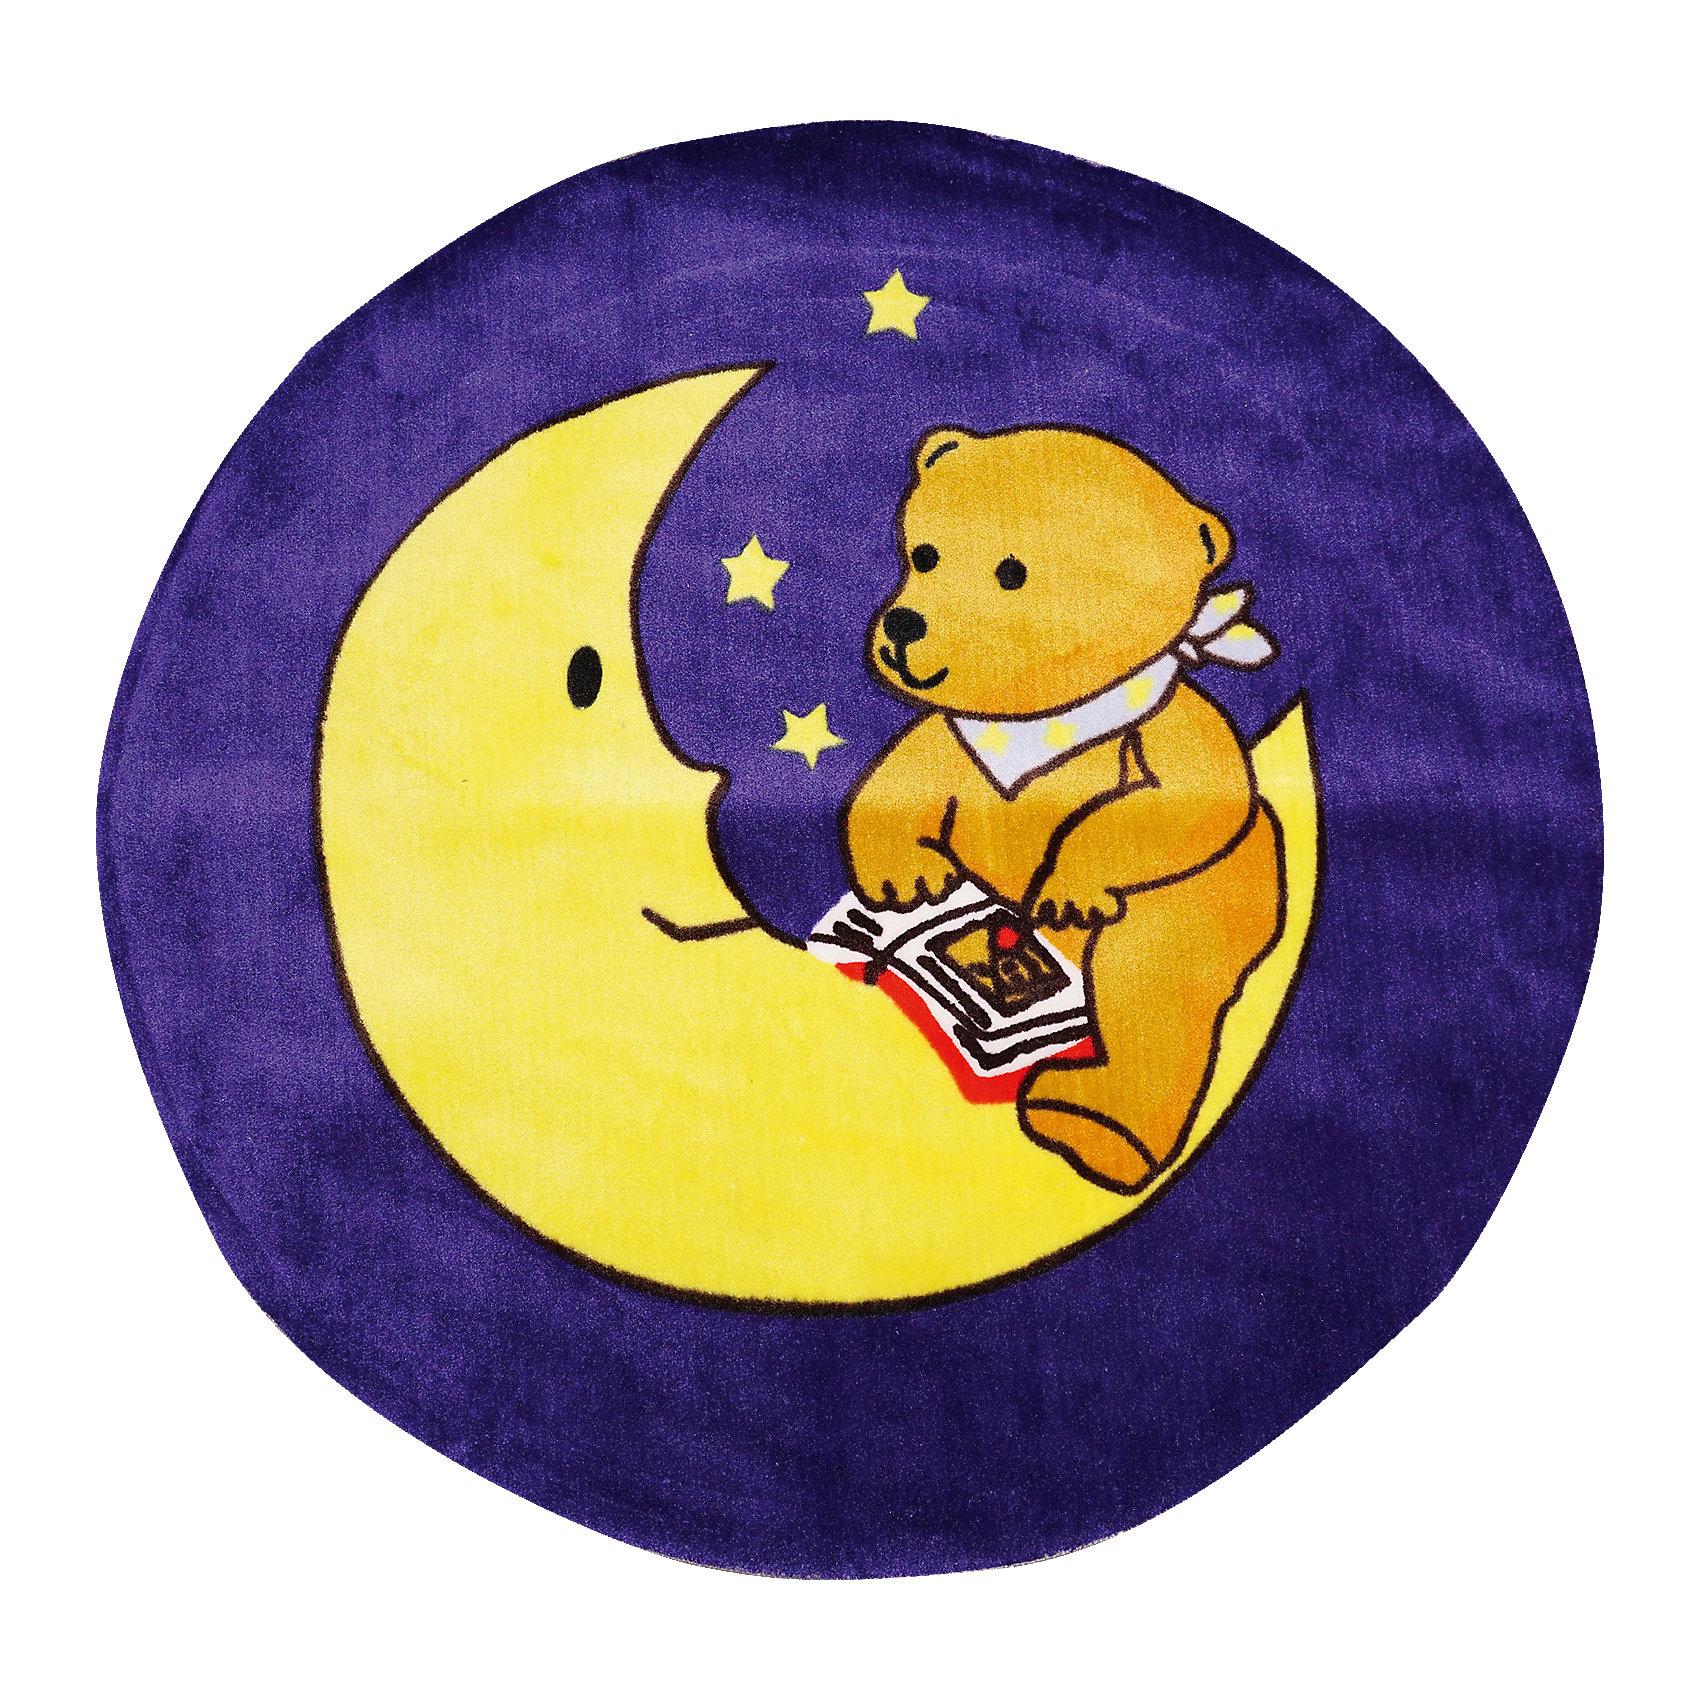 Ковер Мишка на луне, диаметр 1,2 мКовры<br>Яркий ковер с изображением милого мишки, сидящего на месяце, прекрасно впишется в интерьер детской и приведет в восторг любого ребенка. Ковер изготовлен из акриловой пряжи, он очень мягкий на ощупь, гипоаллергенный, легко чистится, мало весит, прекрасно сохраняет тепло. Края изделия аккуратно и надежно обработаны. Подложка выполнена из текстильного материала - полихлопка (хлопок и полиэстер в соотношении 80/20). Полихлопок обладает высокой степенью износостойкости и в то же время достаточно мягок, чтобы не наносить повреждения на ламинированные и паркетные полы.<br><br>Дополнительная информация:<br><br>- Материал: акрил, полихлопок. <br>- Размер: d - 1,2.<br>- Цвет: желтый, фиолетовый.<br>- Отличная теплопроводность. <br>- Антистатичность. <br>- Цветостойкость: долго сохраняет яркость цвета. <br><br>Ковер Мишка на луне, диаметр 1,2 м, можно купить в нашем магазине.<br><br>Ширина мм: 1200<br>Глубина мм: 120<br>Высота мм: 120<br>Вес г: 2680<br>Возраст от месяцев: -2147483648<br>Возраст до месяцев: 2147483647<br>Пол: Унисекс<br>Возраст: Детский<br>SKU: 4537007